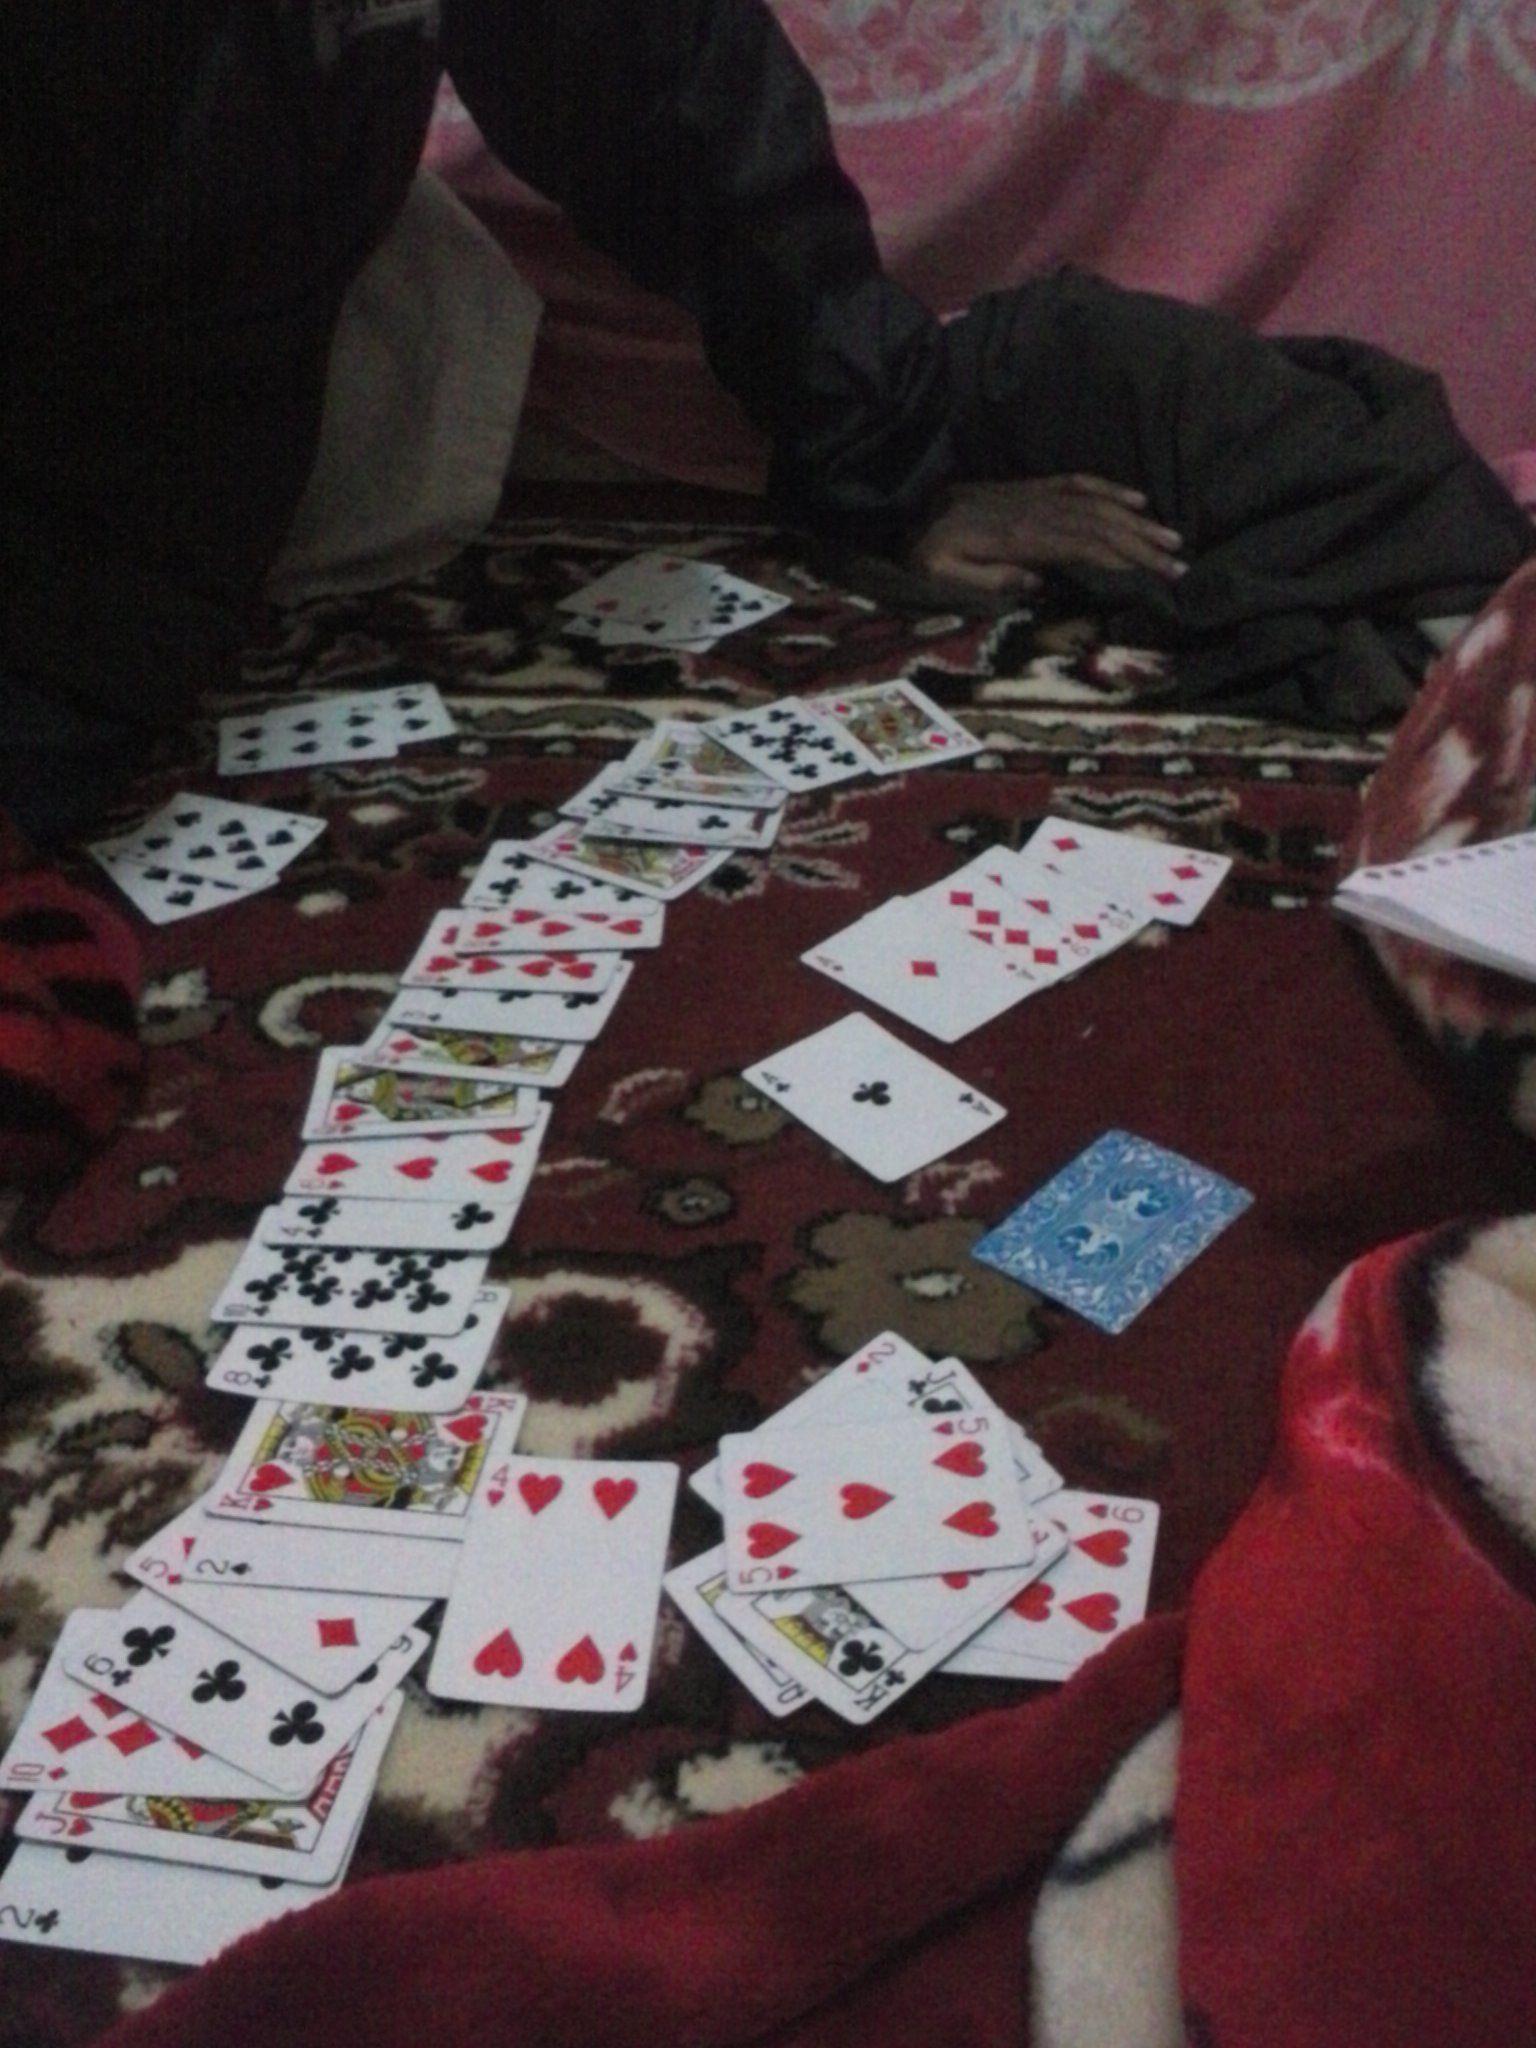 Menghabiskan waktu dengan main kartu... wkwkwkwkw